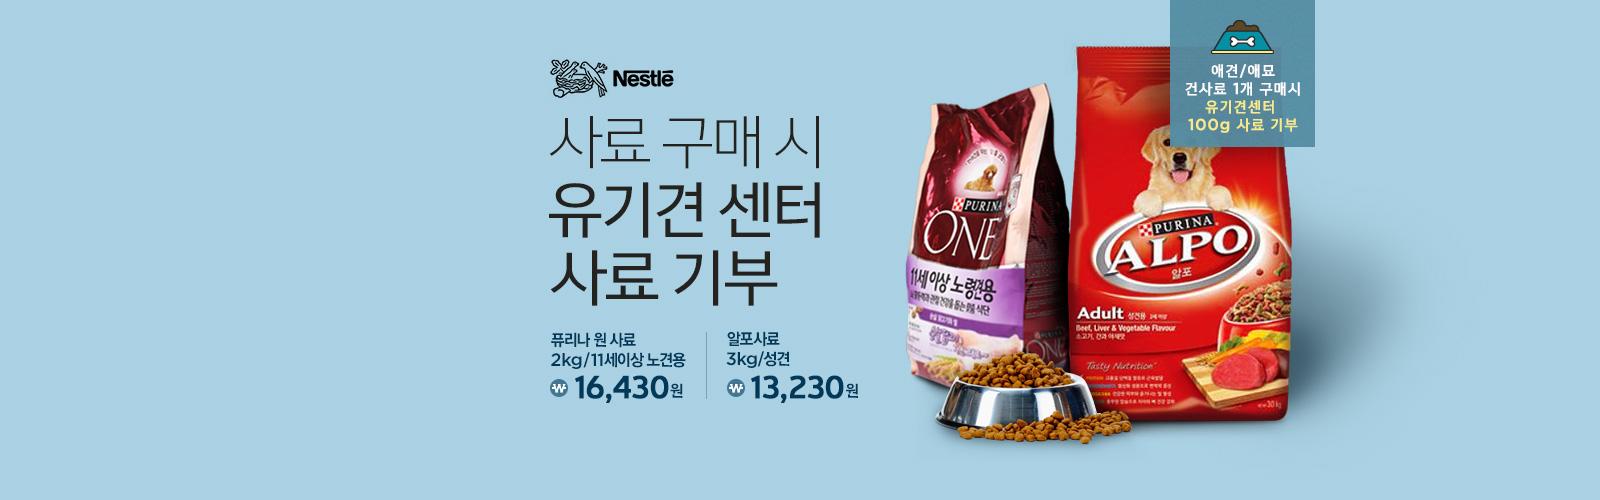 롯데 네슬레 사료 구매시 유기견 사료 기부!